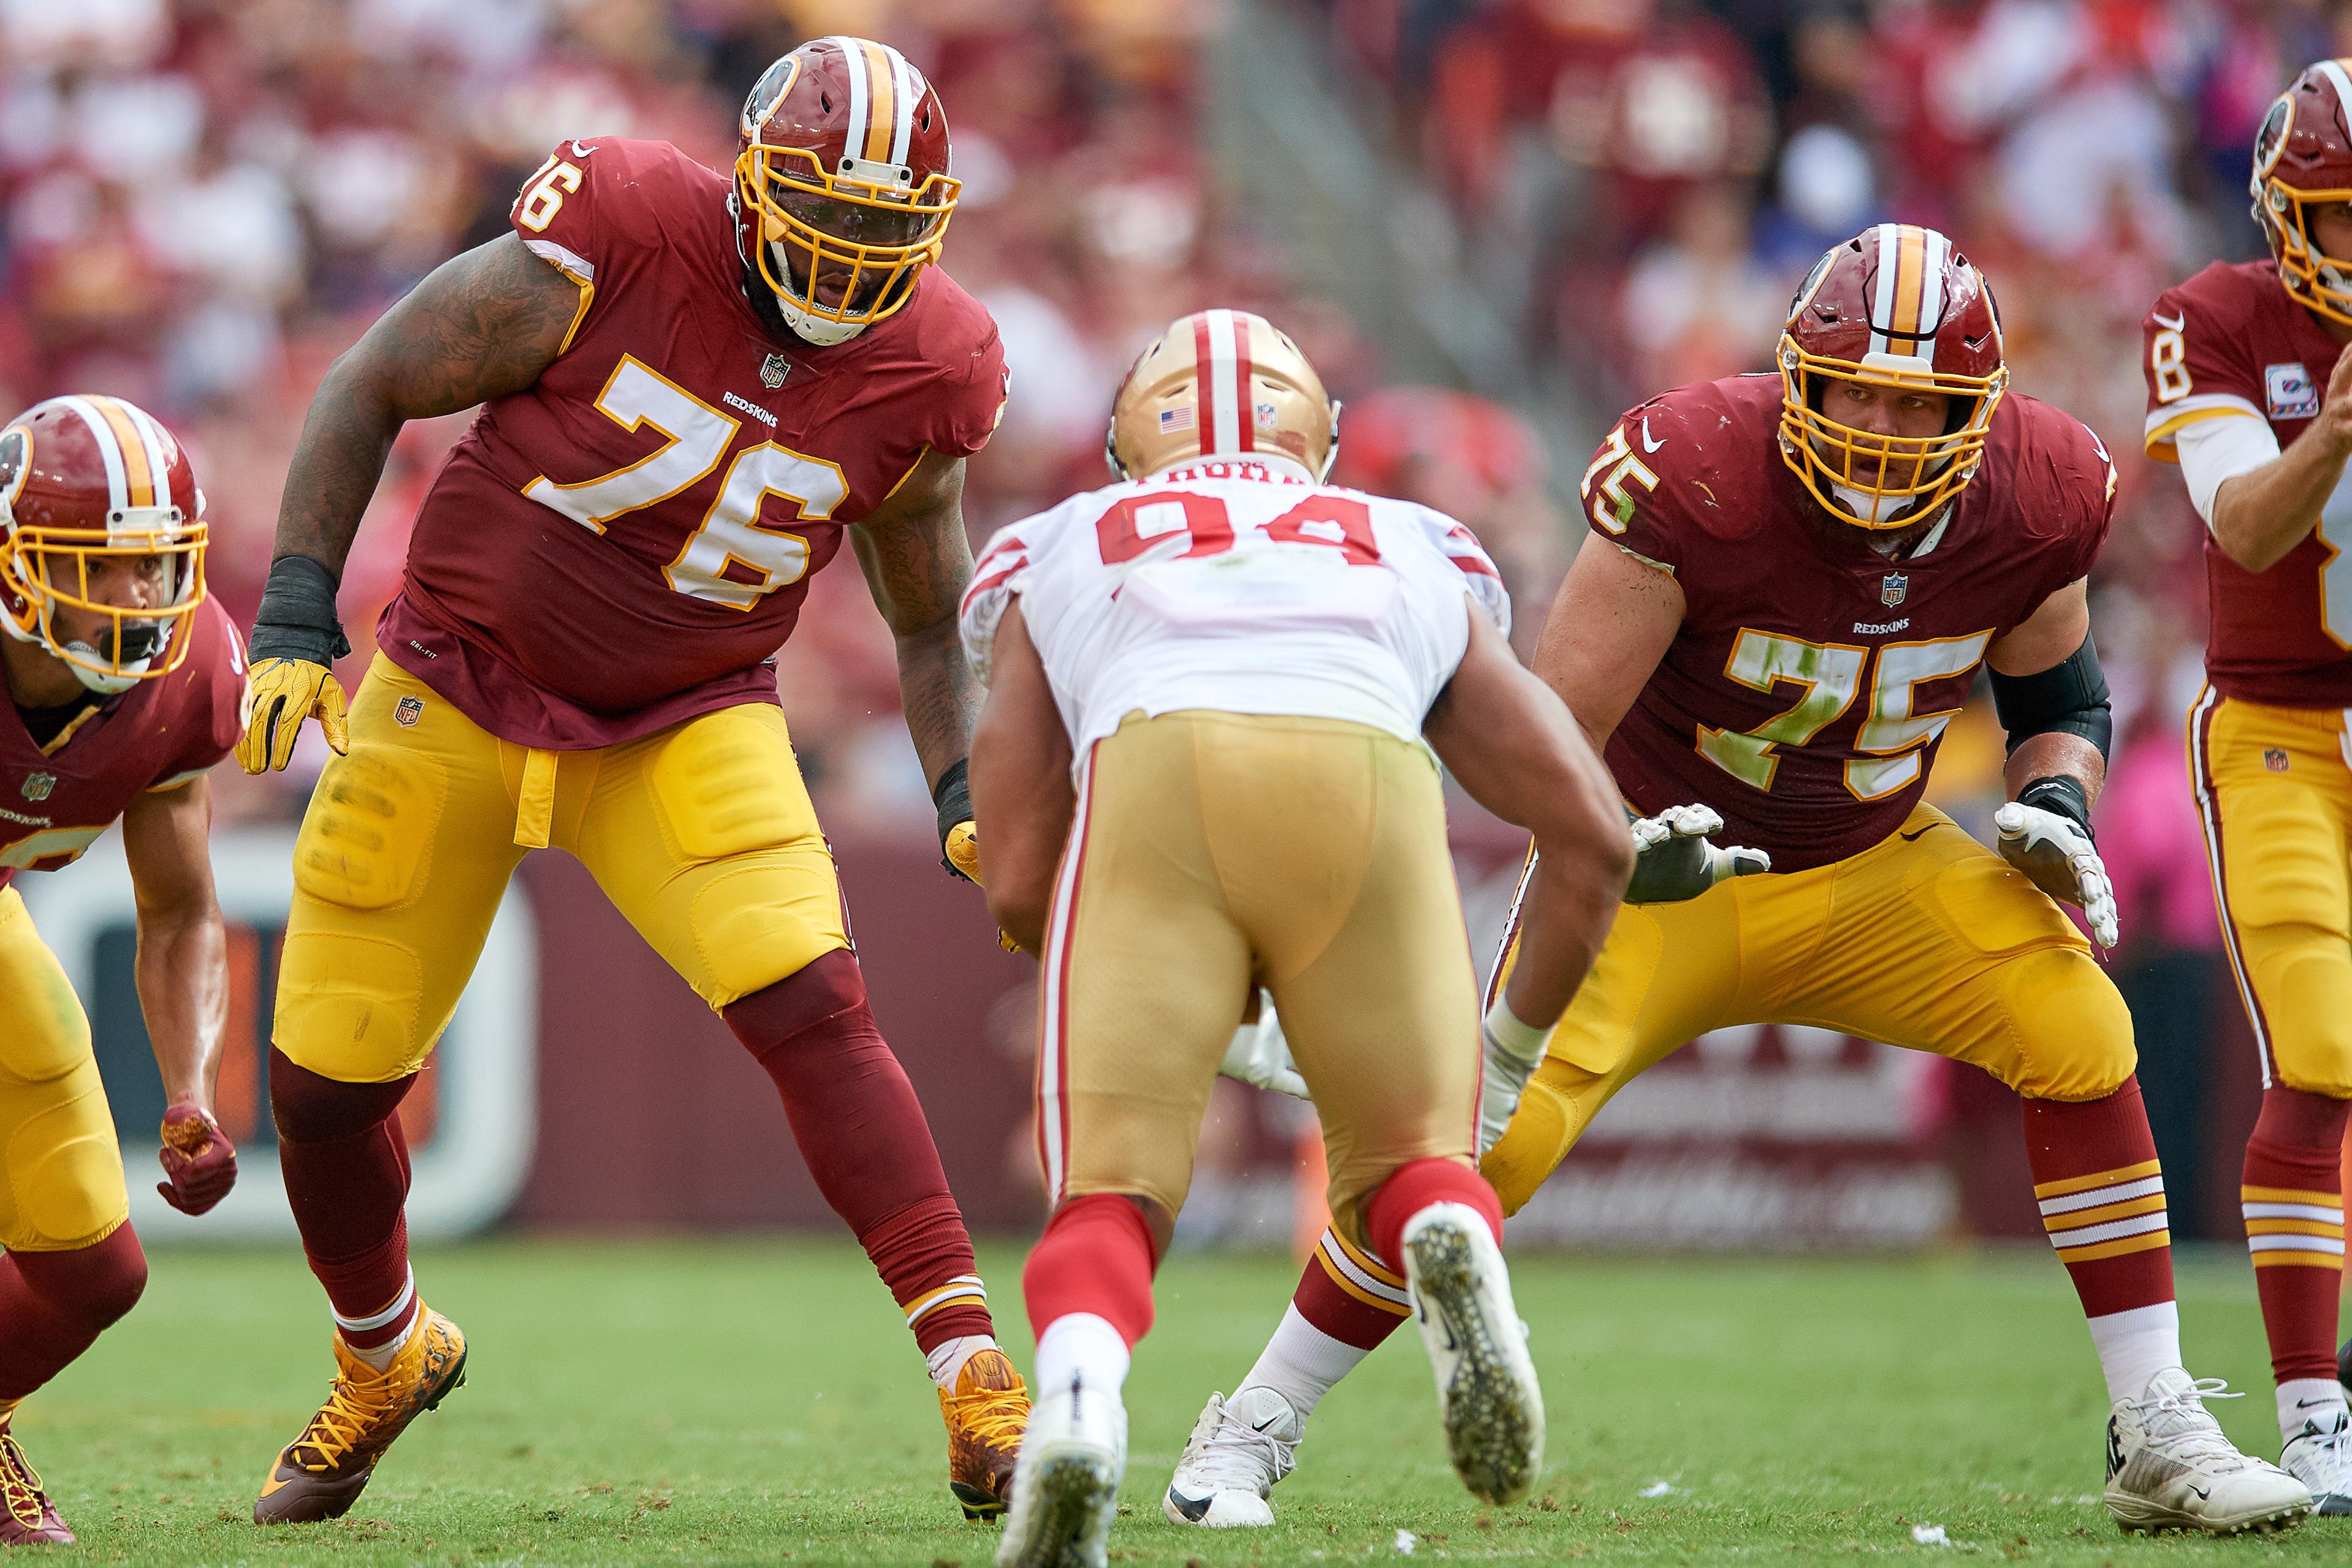 NFL: OCT 15 49ers at Redskins